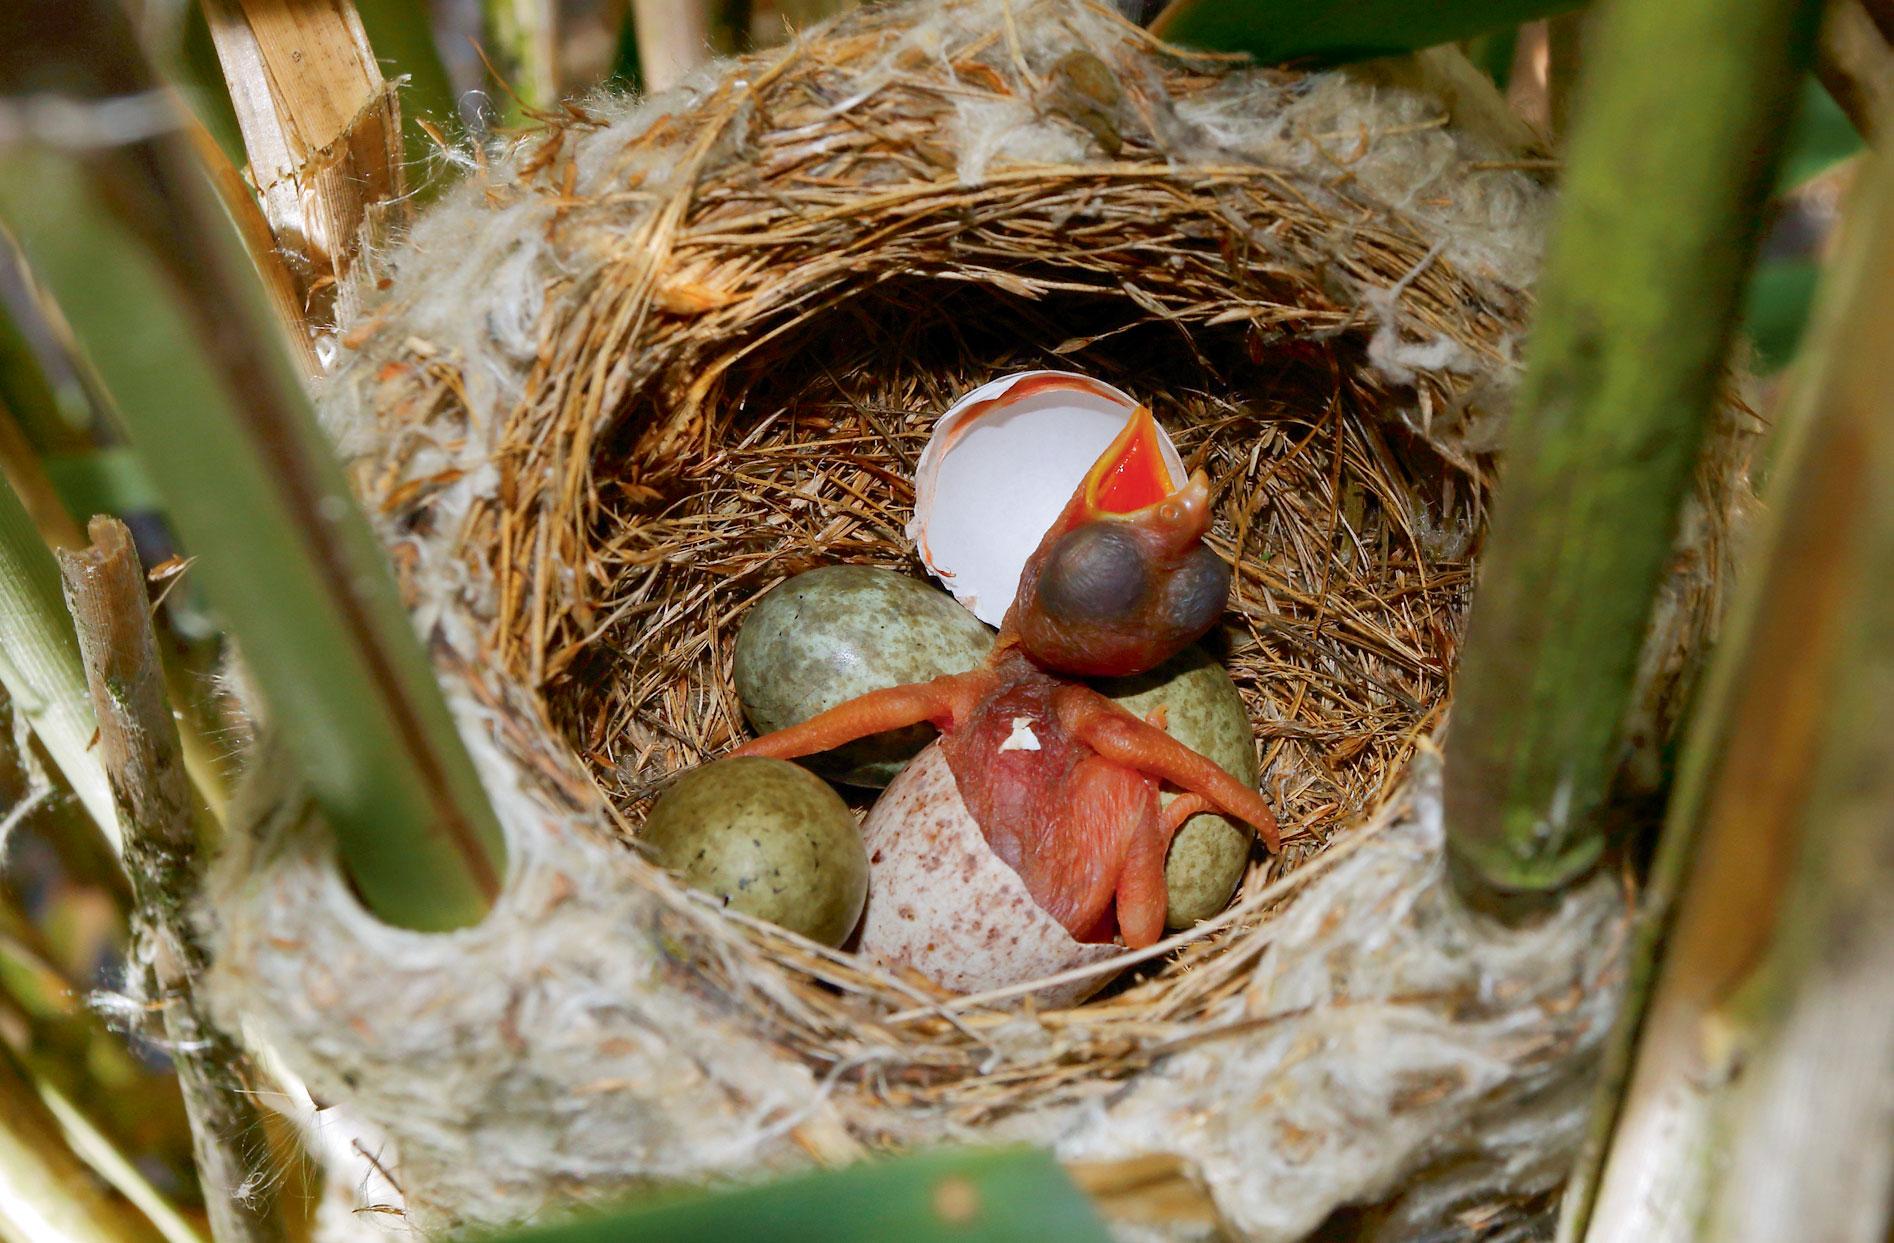 Comment le poussin du coucou gris éjecte-t-il les œufs du nid ?